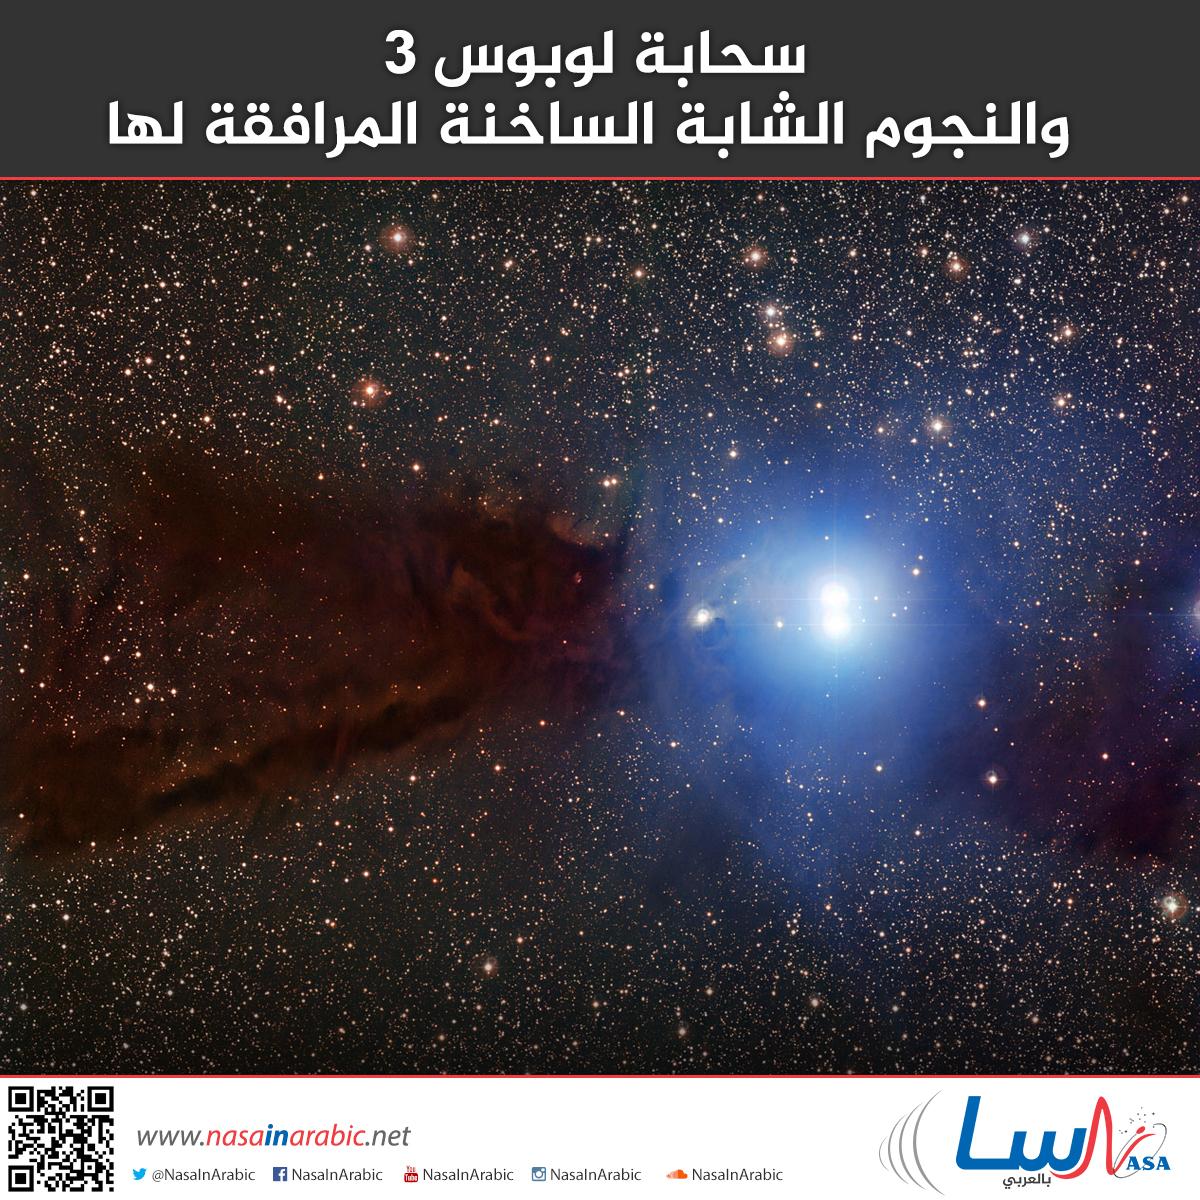 سحابة لوبوس 3، والنجوم الشابة الساخنة المرافقة لها